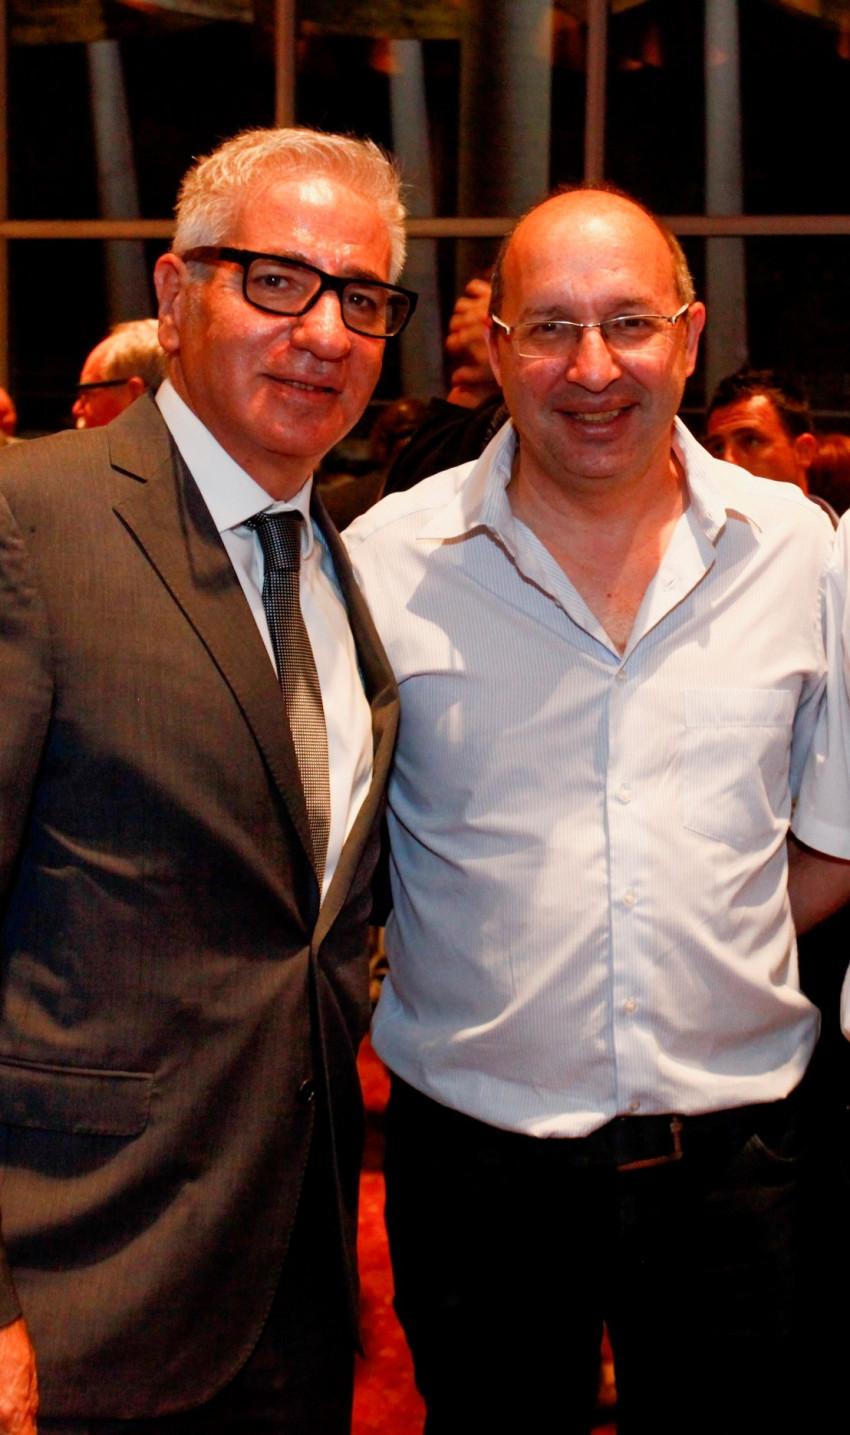 אבי ניסקורן ואמיר חייק (צילום: נמרוד אהרונוב)